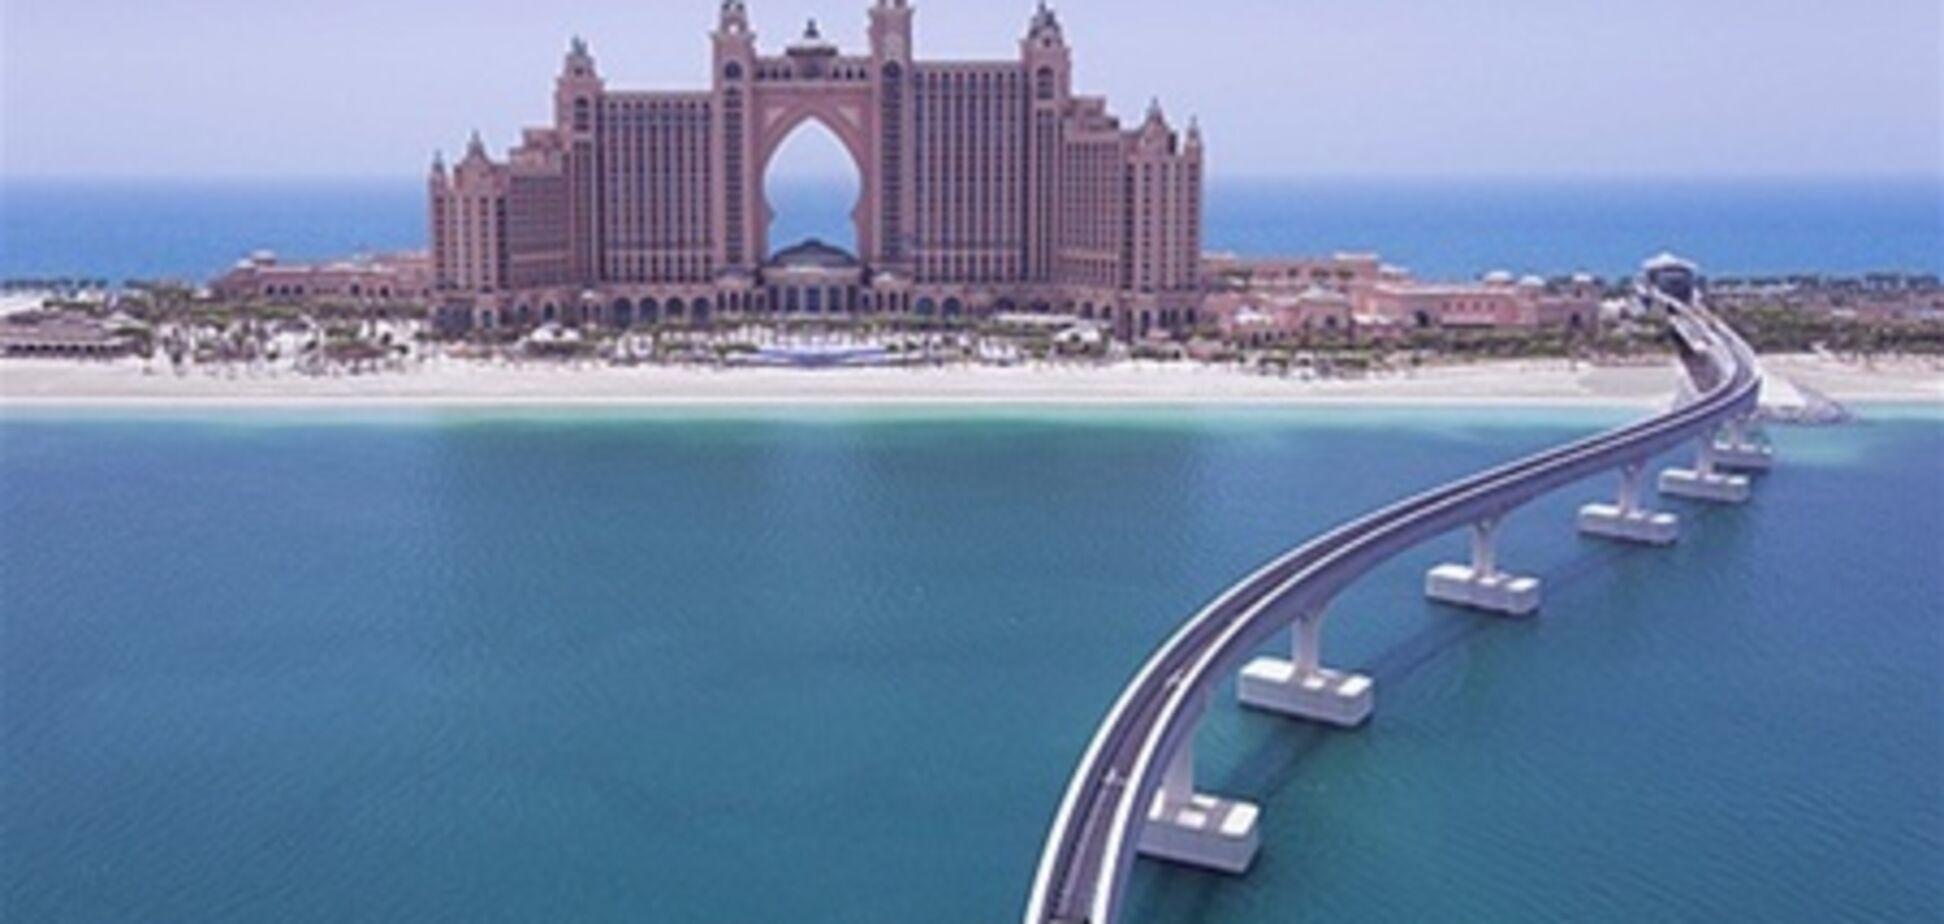 В ОАЭ построят крупнейший парк развлечений